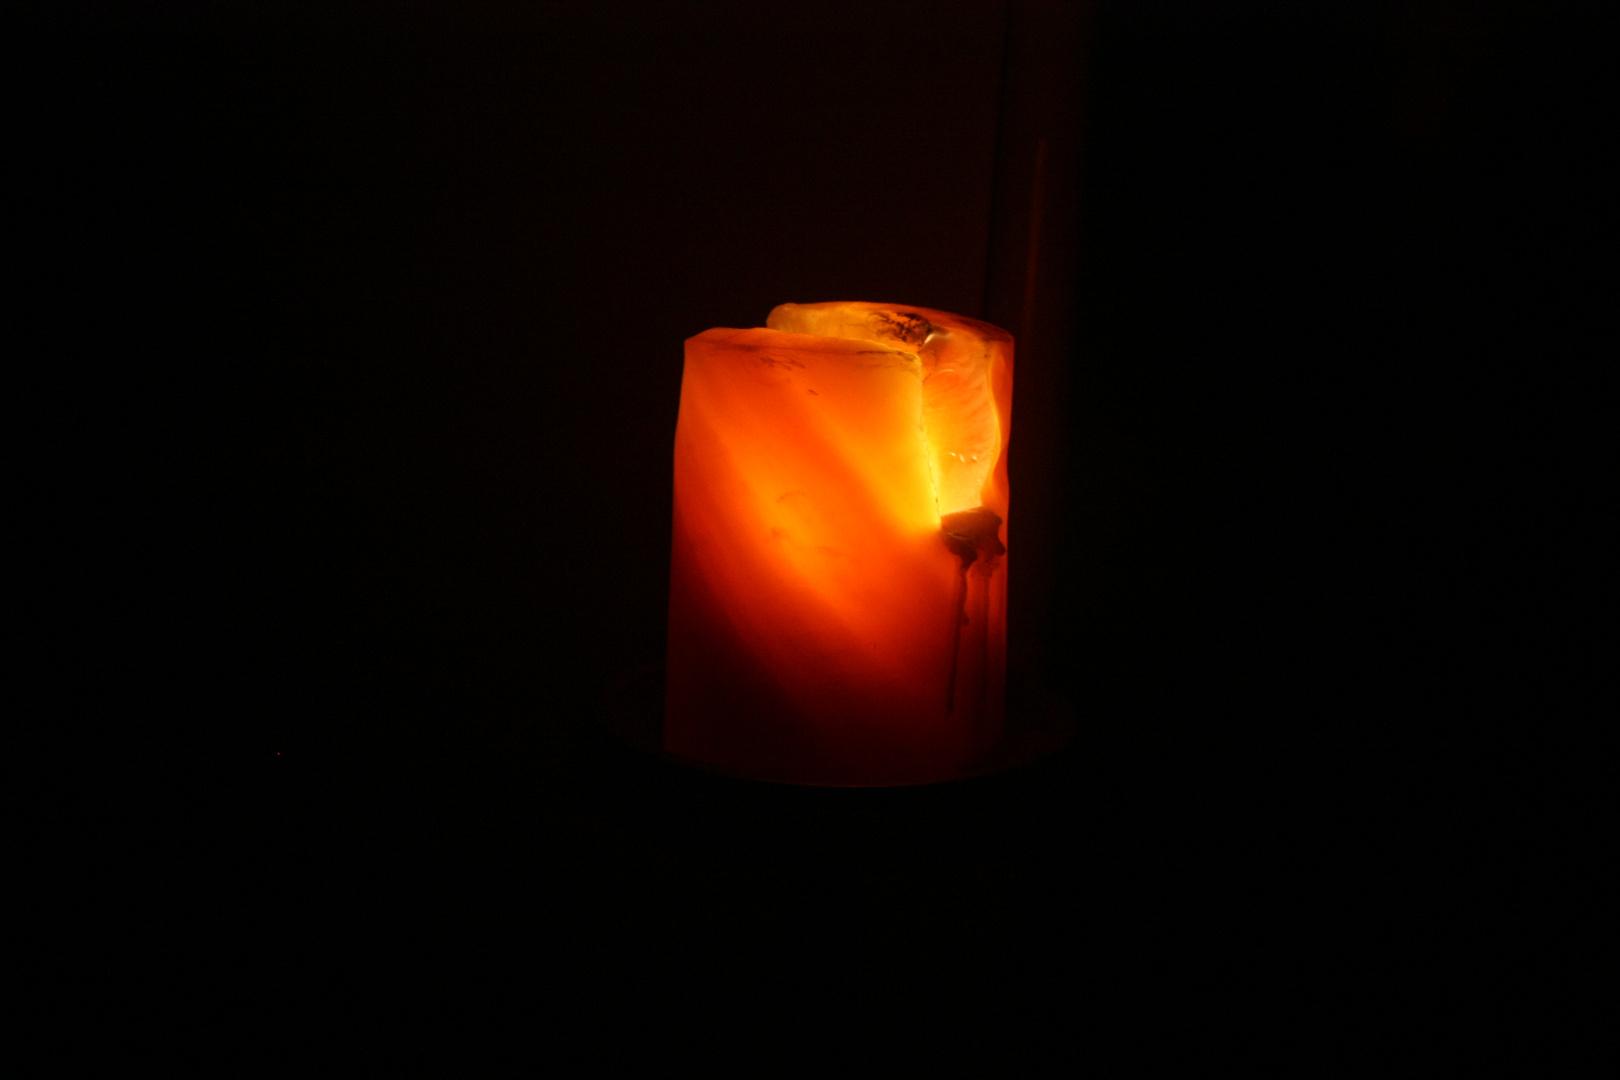 Bringe Licht ins Dunkel